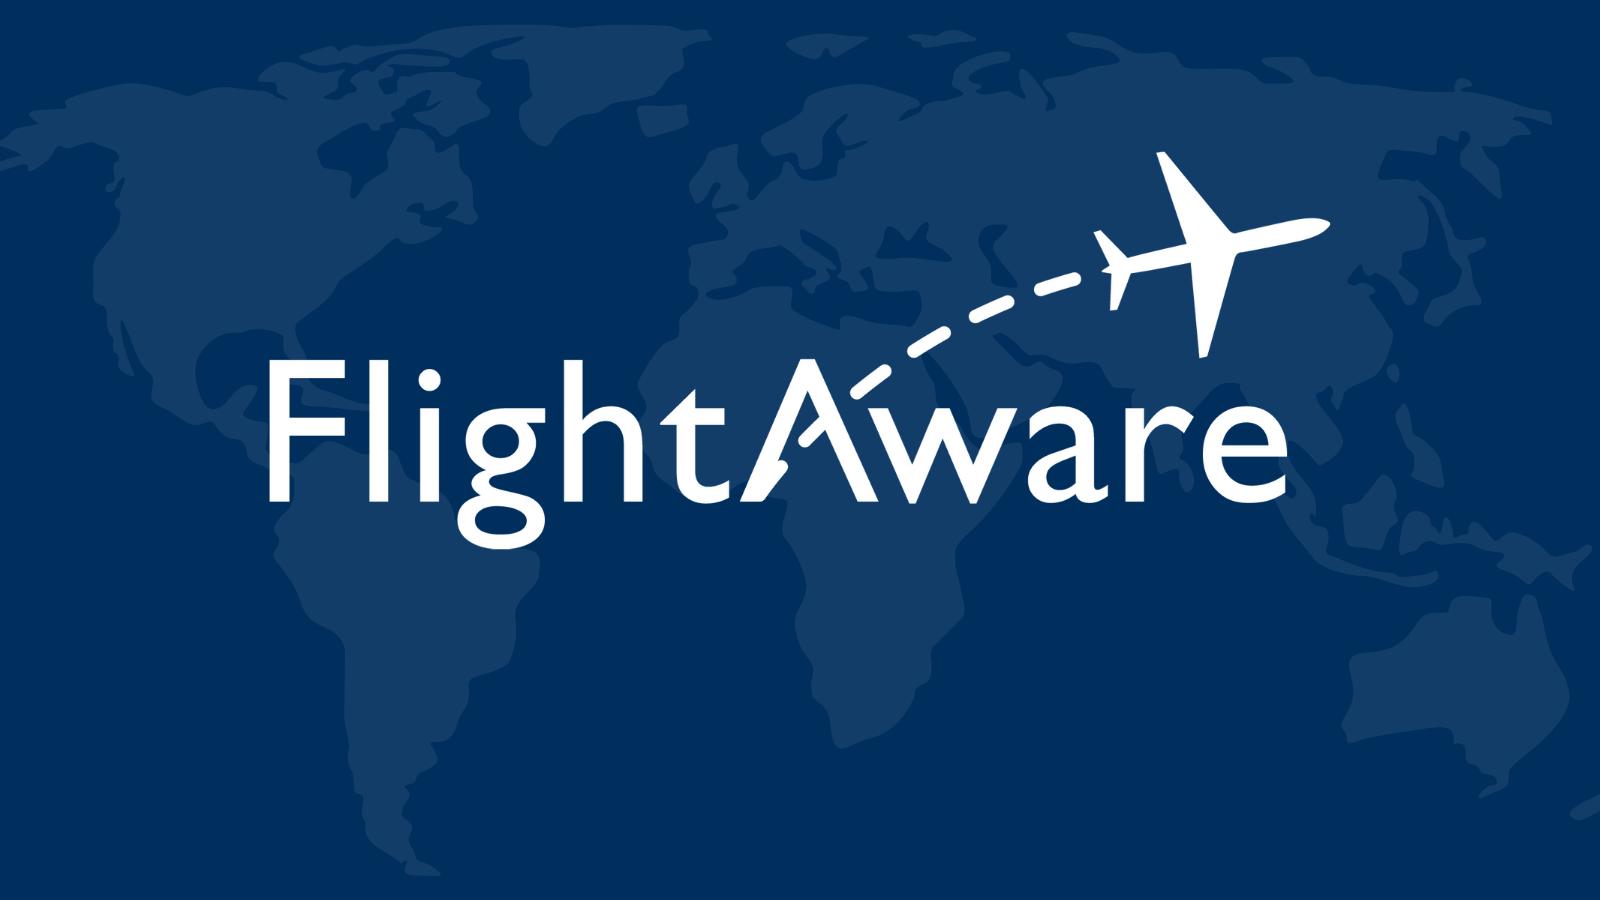 ar.flightaware.com